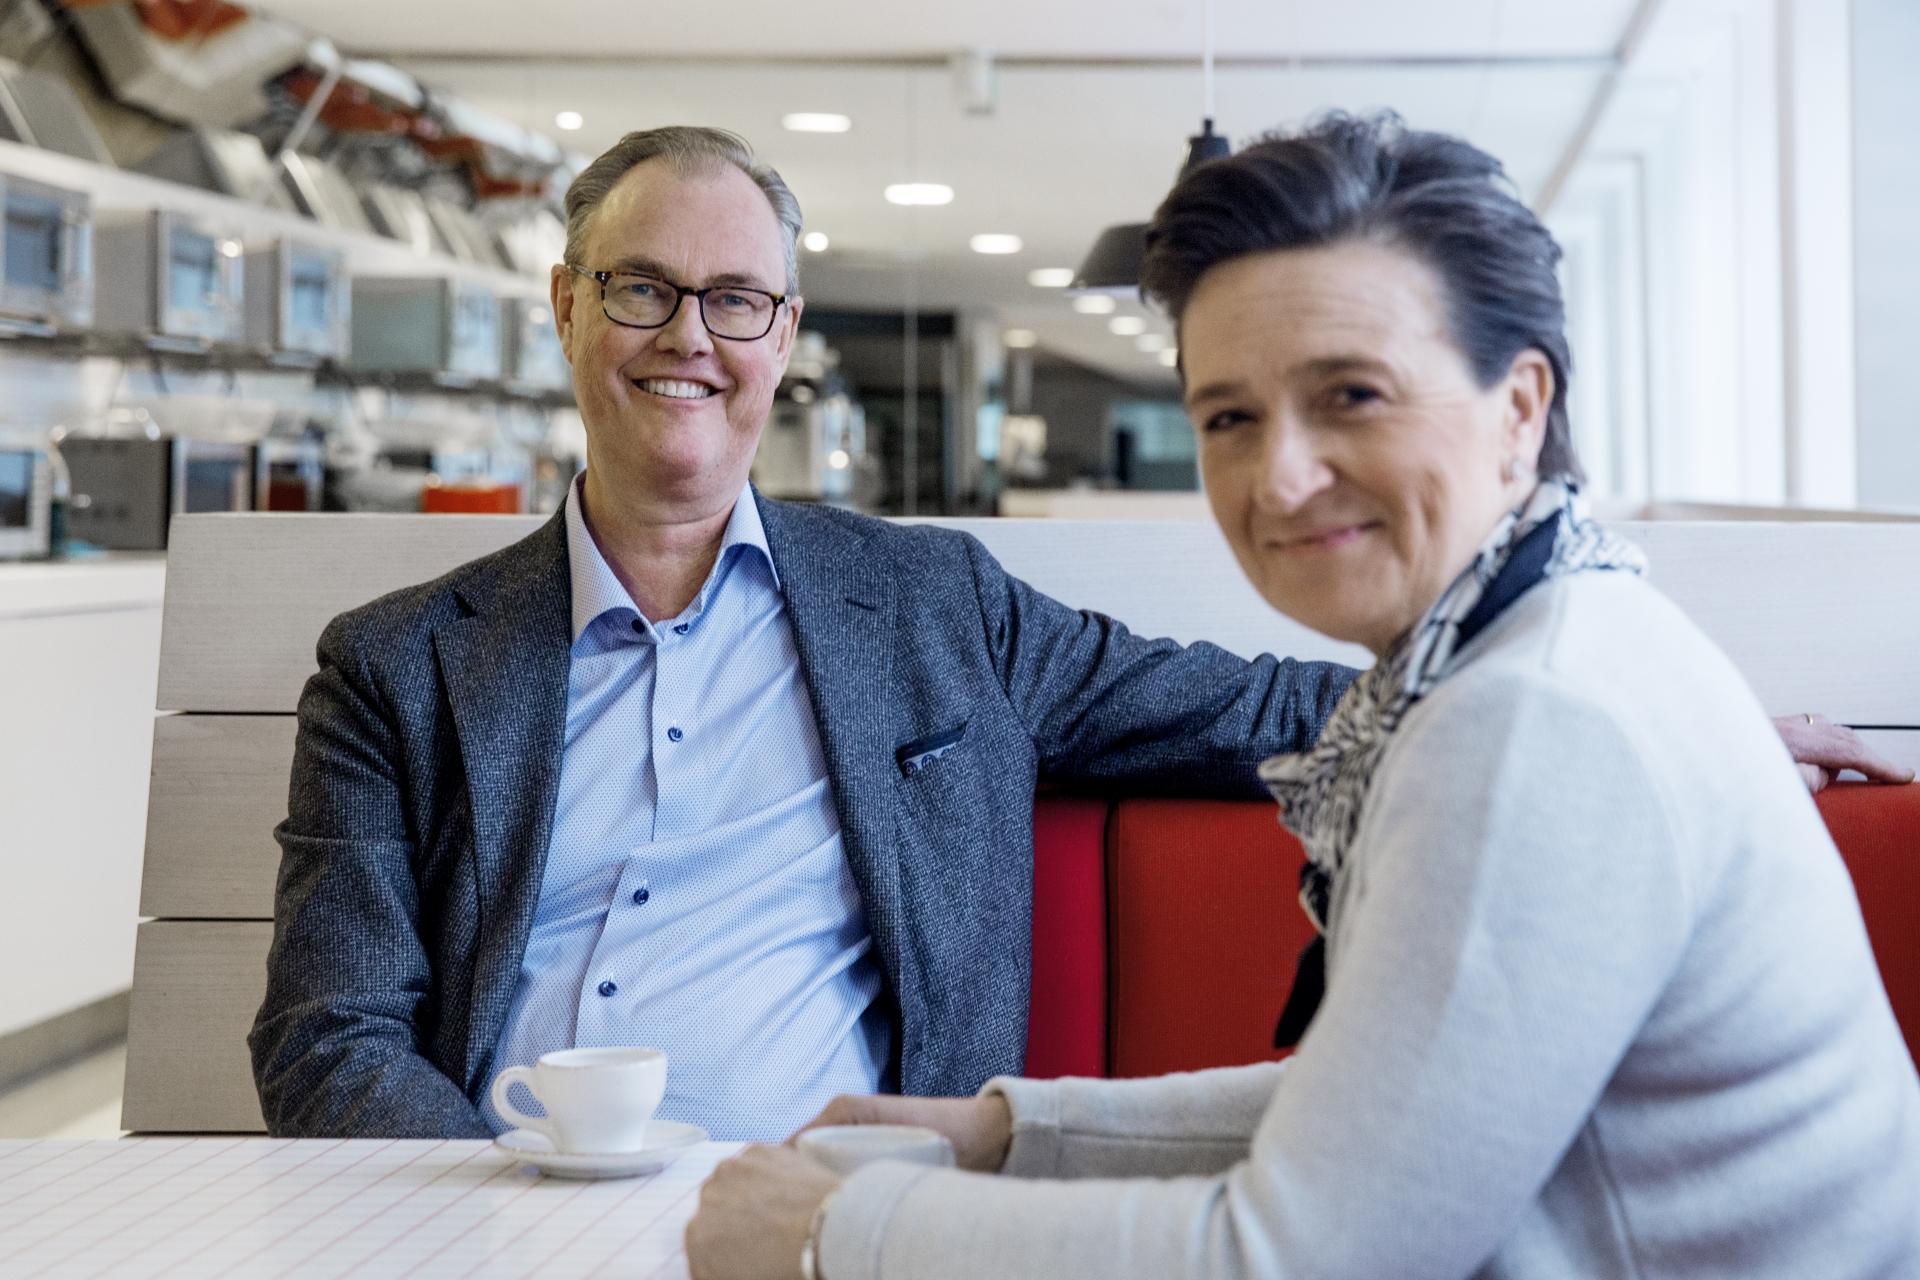 För Per Strömberg är mångfald och ett gott ledarskap viktiga begrepp. Han minns själv hur det var på hans första jobb, och han tränade upp sin sociala kompetens när han jobbade inom vården som tonåring.